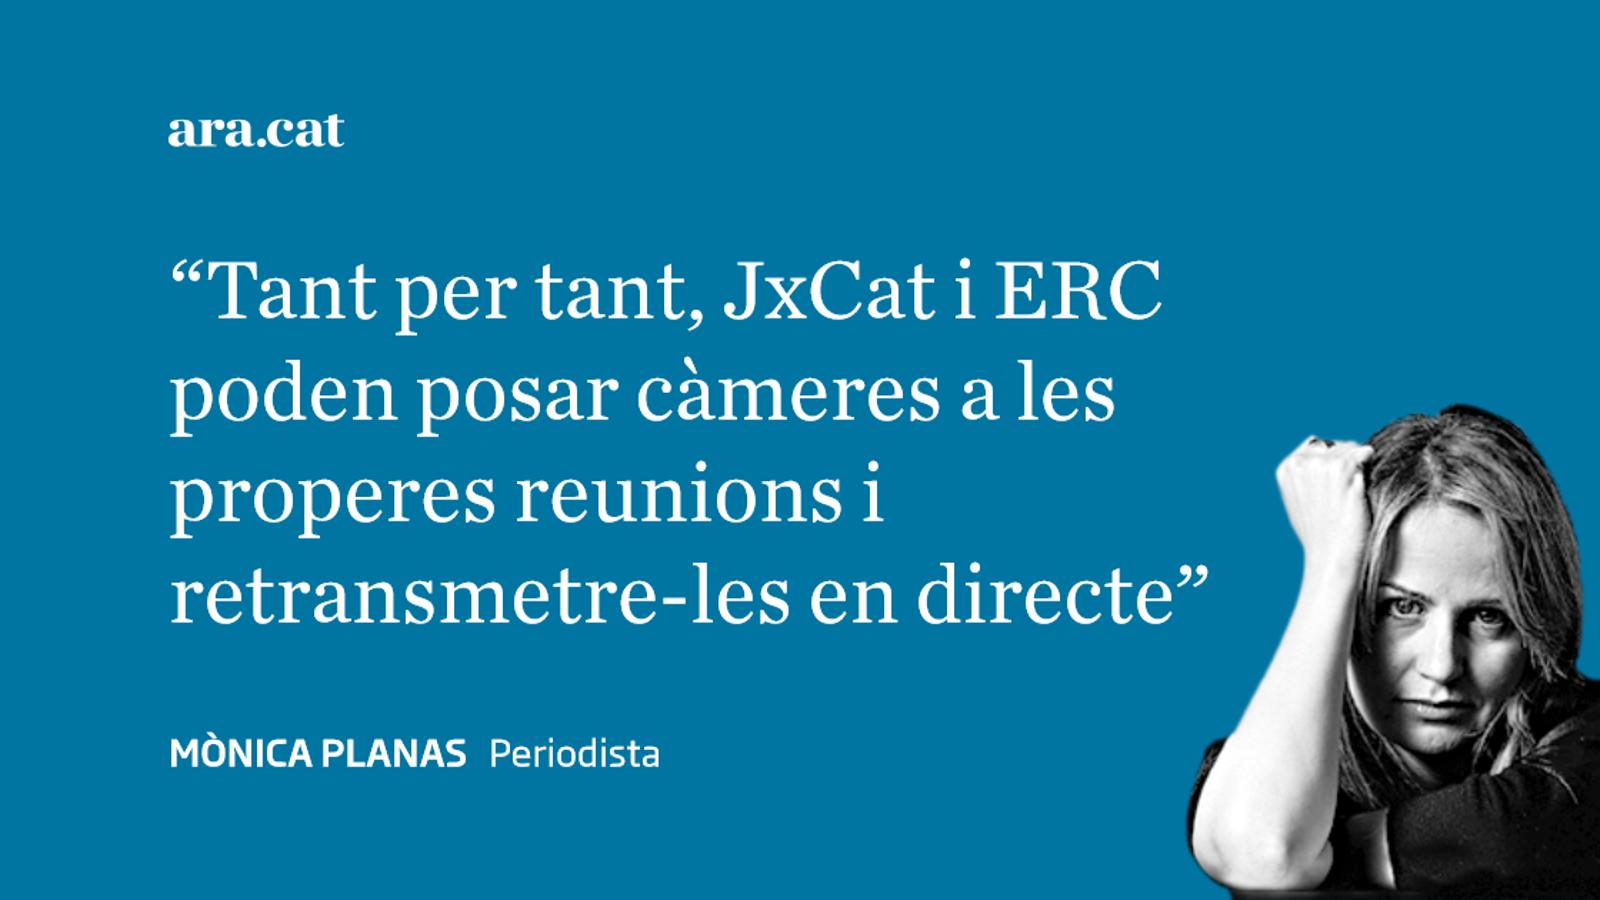 El 'reality show' de JxCat i ERC